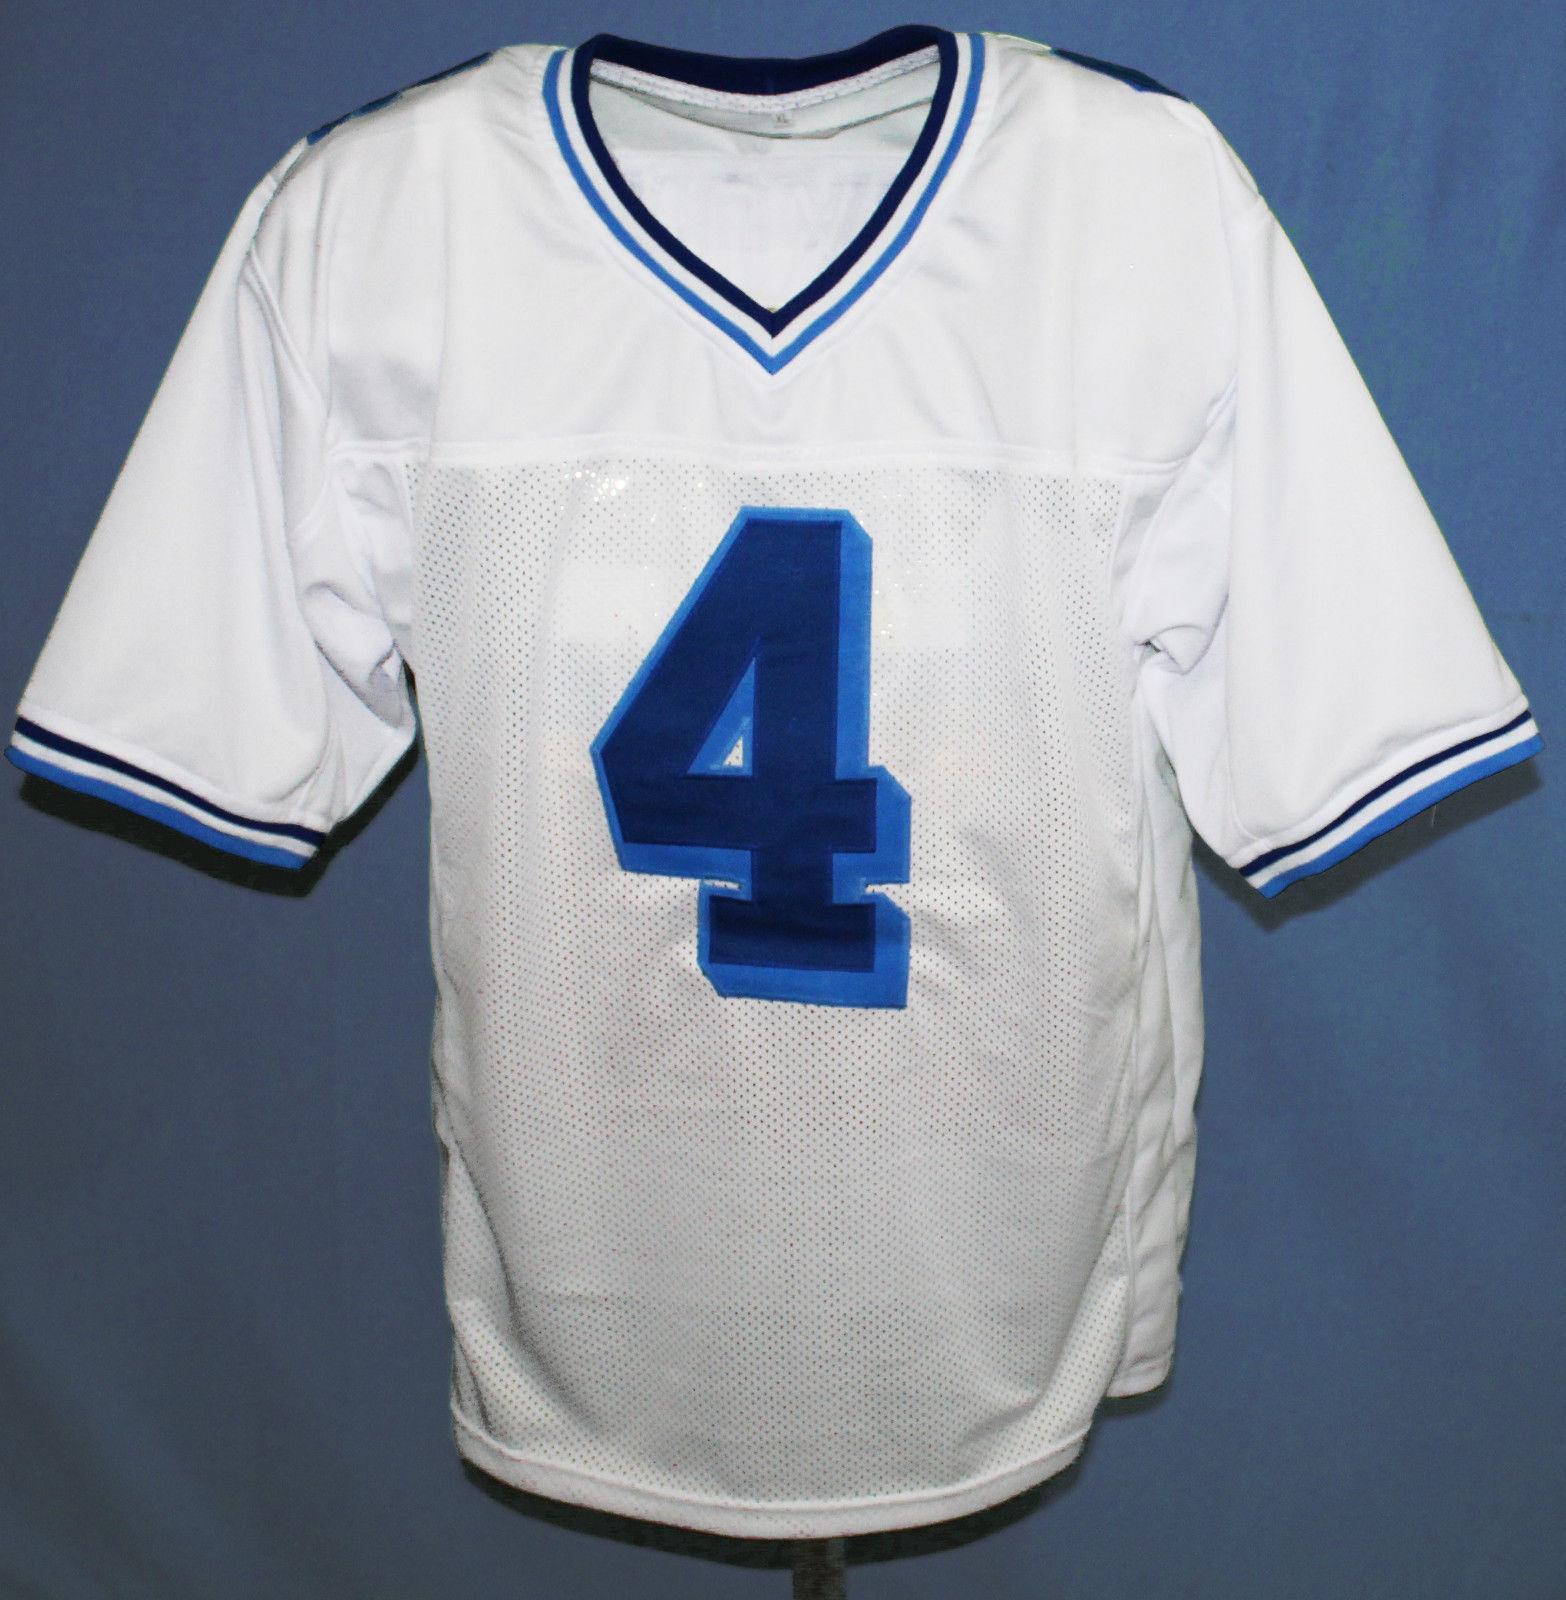 JONATHAN MOXON  4 VARSITY BLUES MOVIE JERSEY FOOTBALL WHITE NEW SEWN ANY  SIZE 622fd2ab00